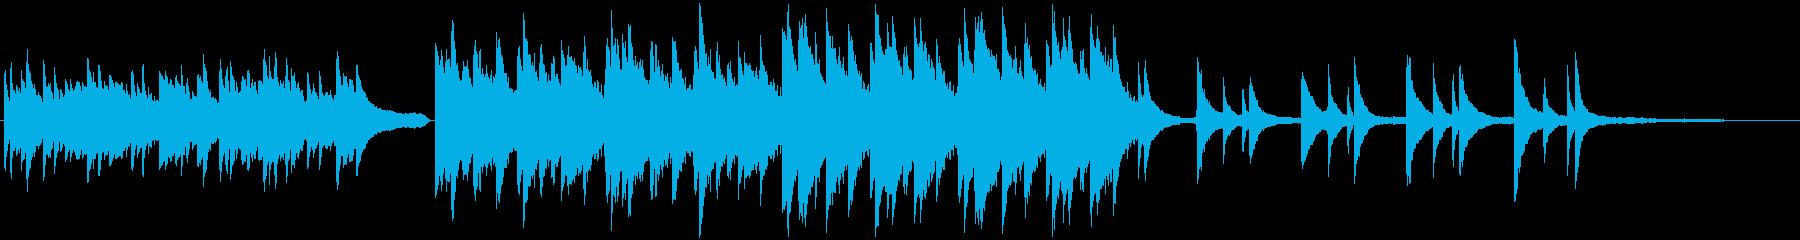 哀愁感のあるピアノのBGMの再生済みの波形